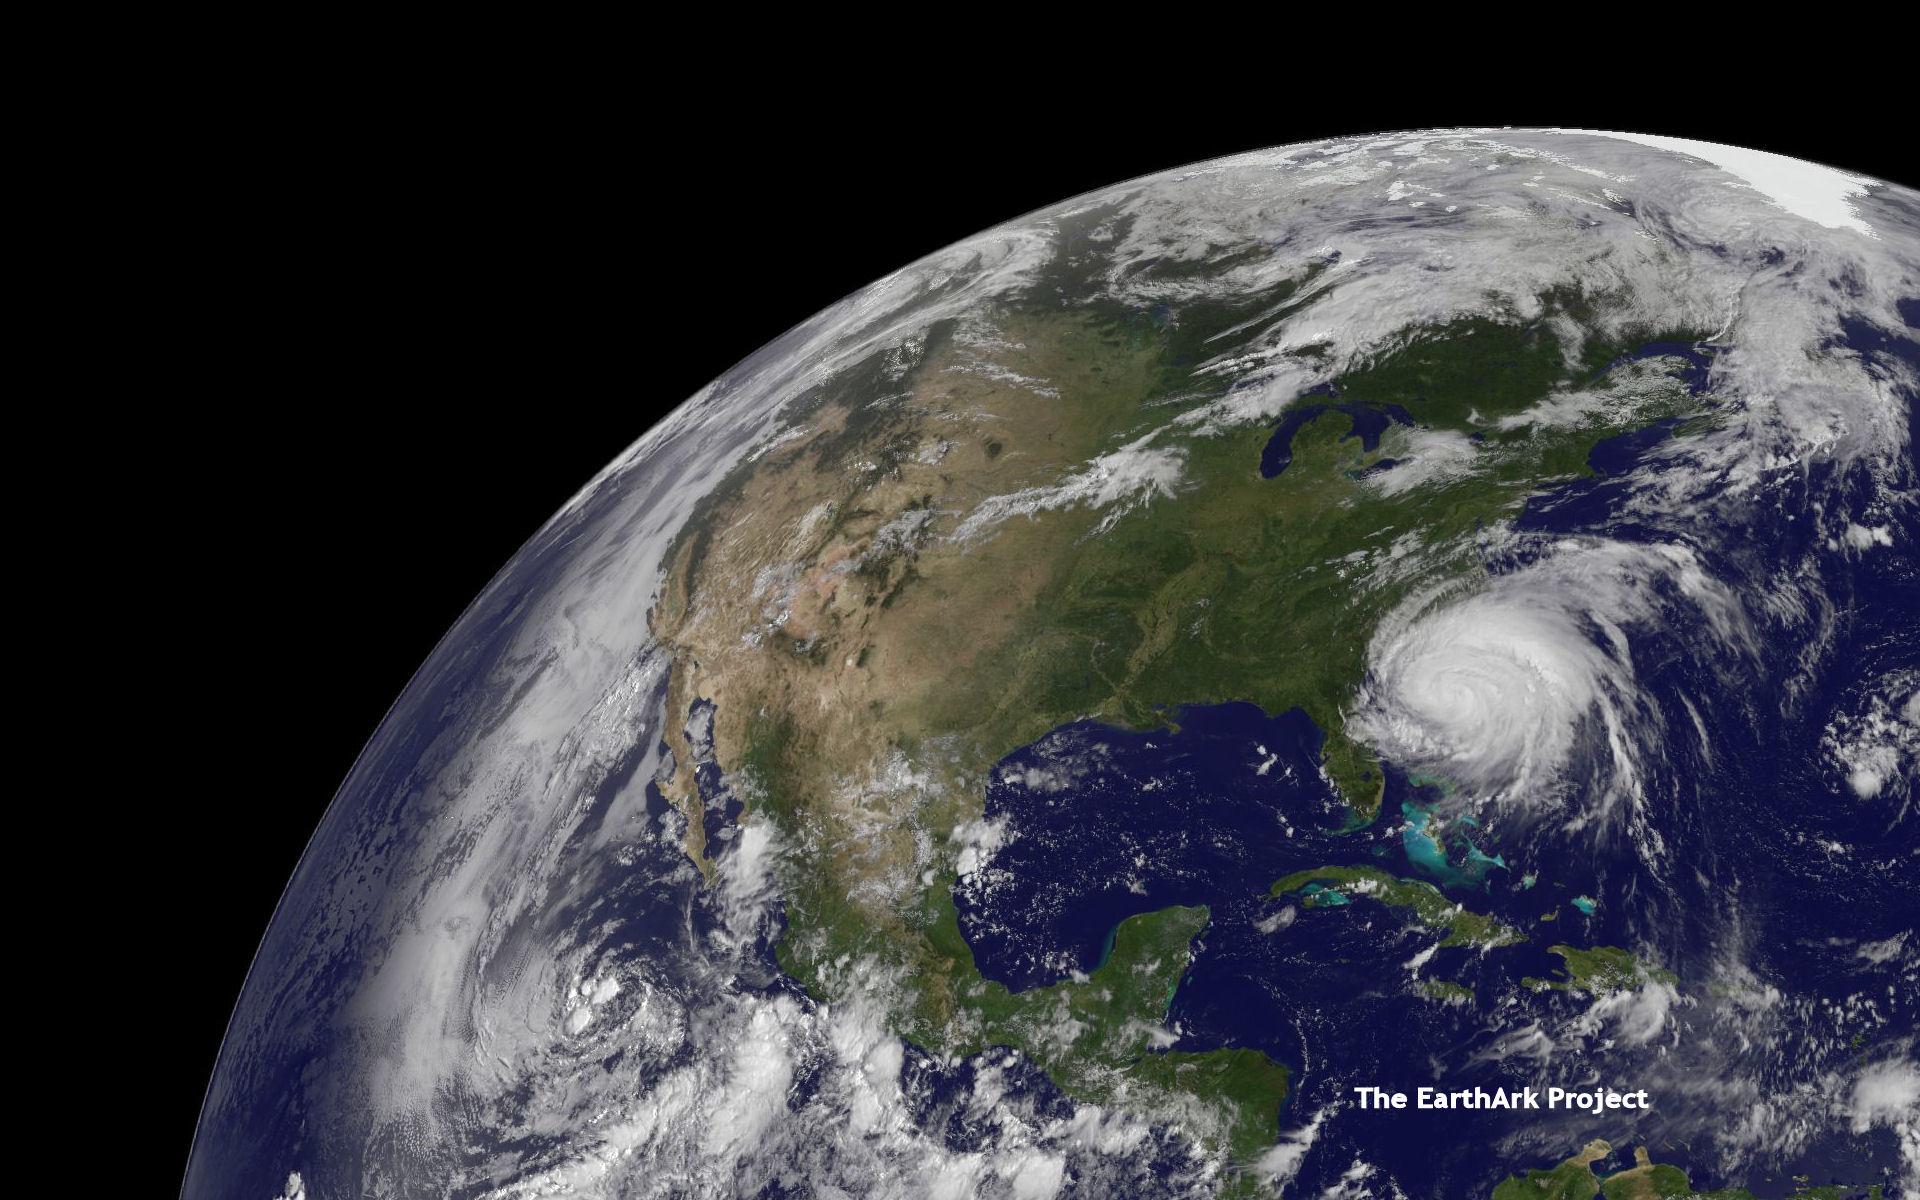 Hurricane Irene 1920x1200 designed as wallpaper Support The EarthArk 1920x1200